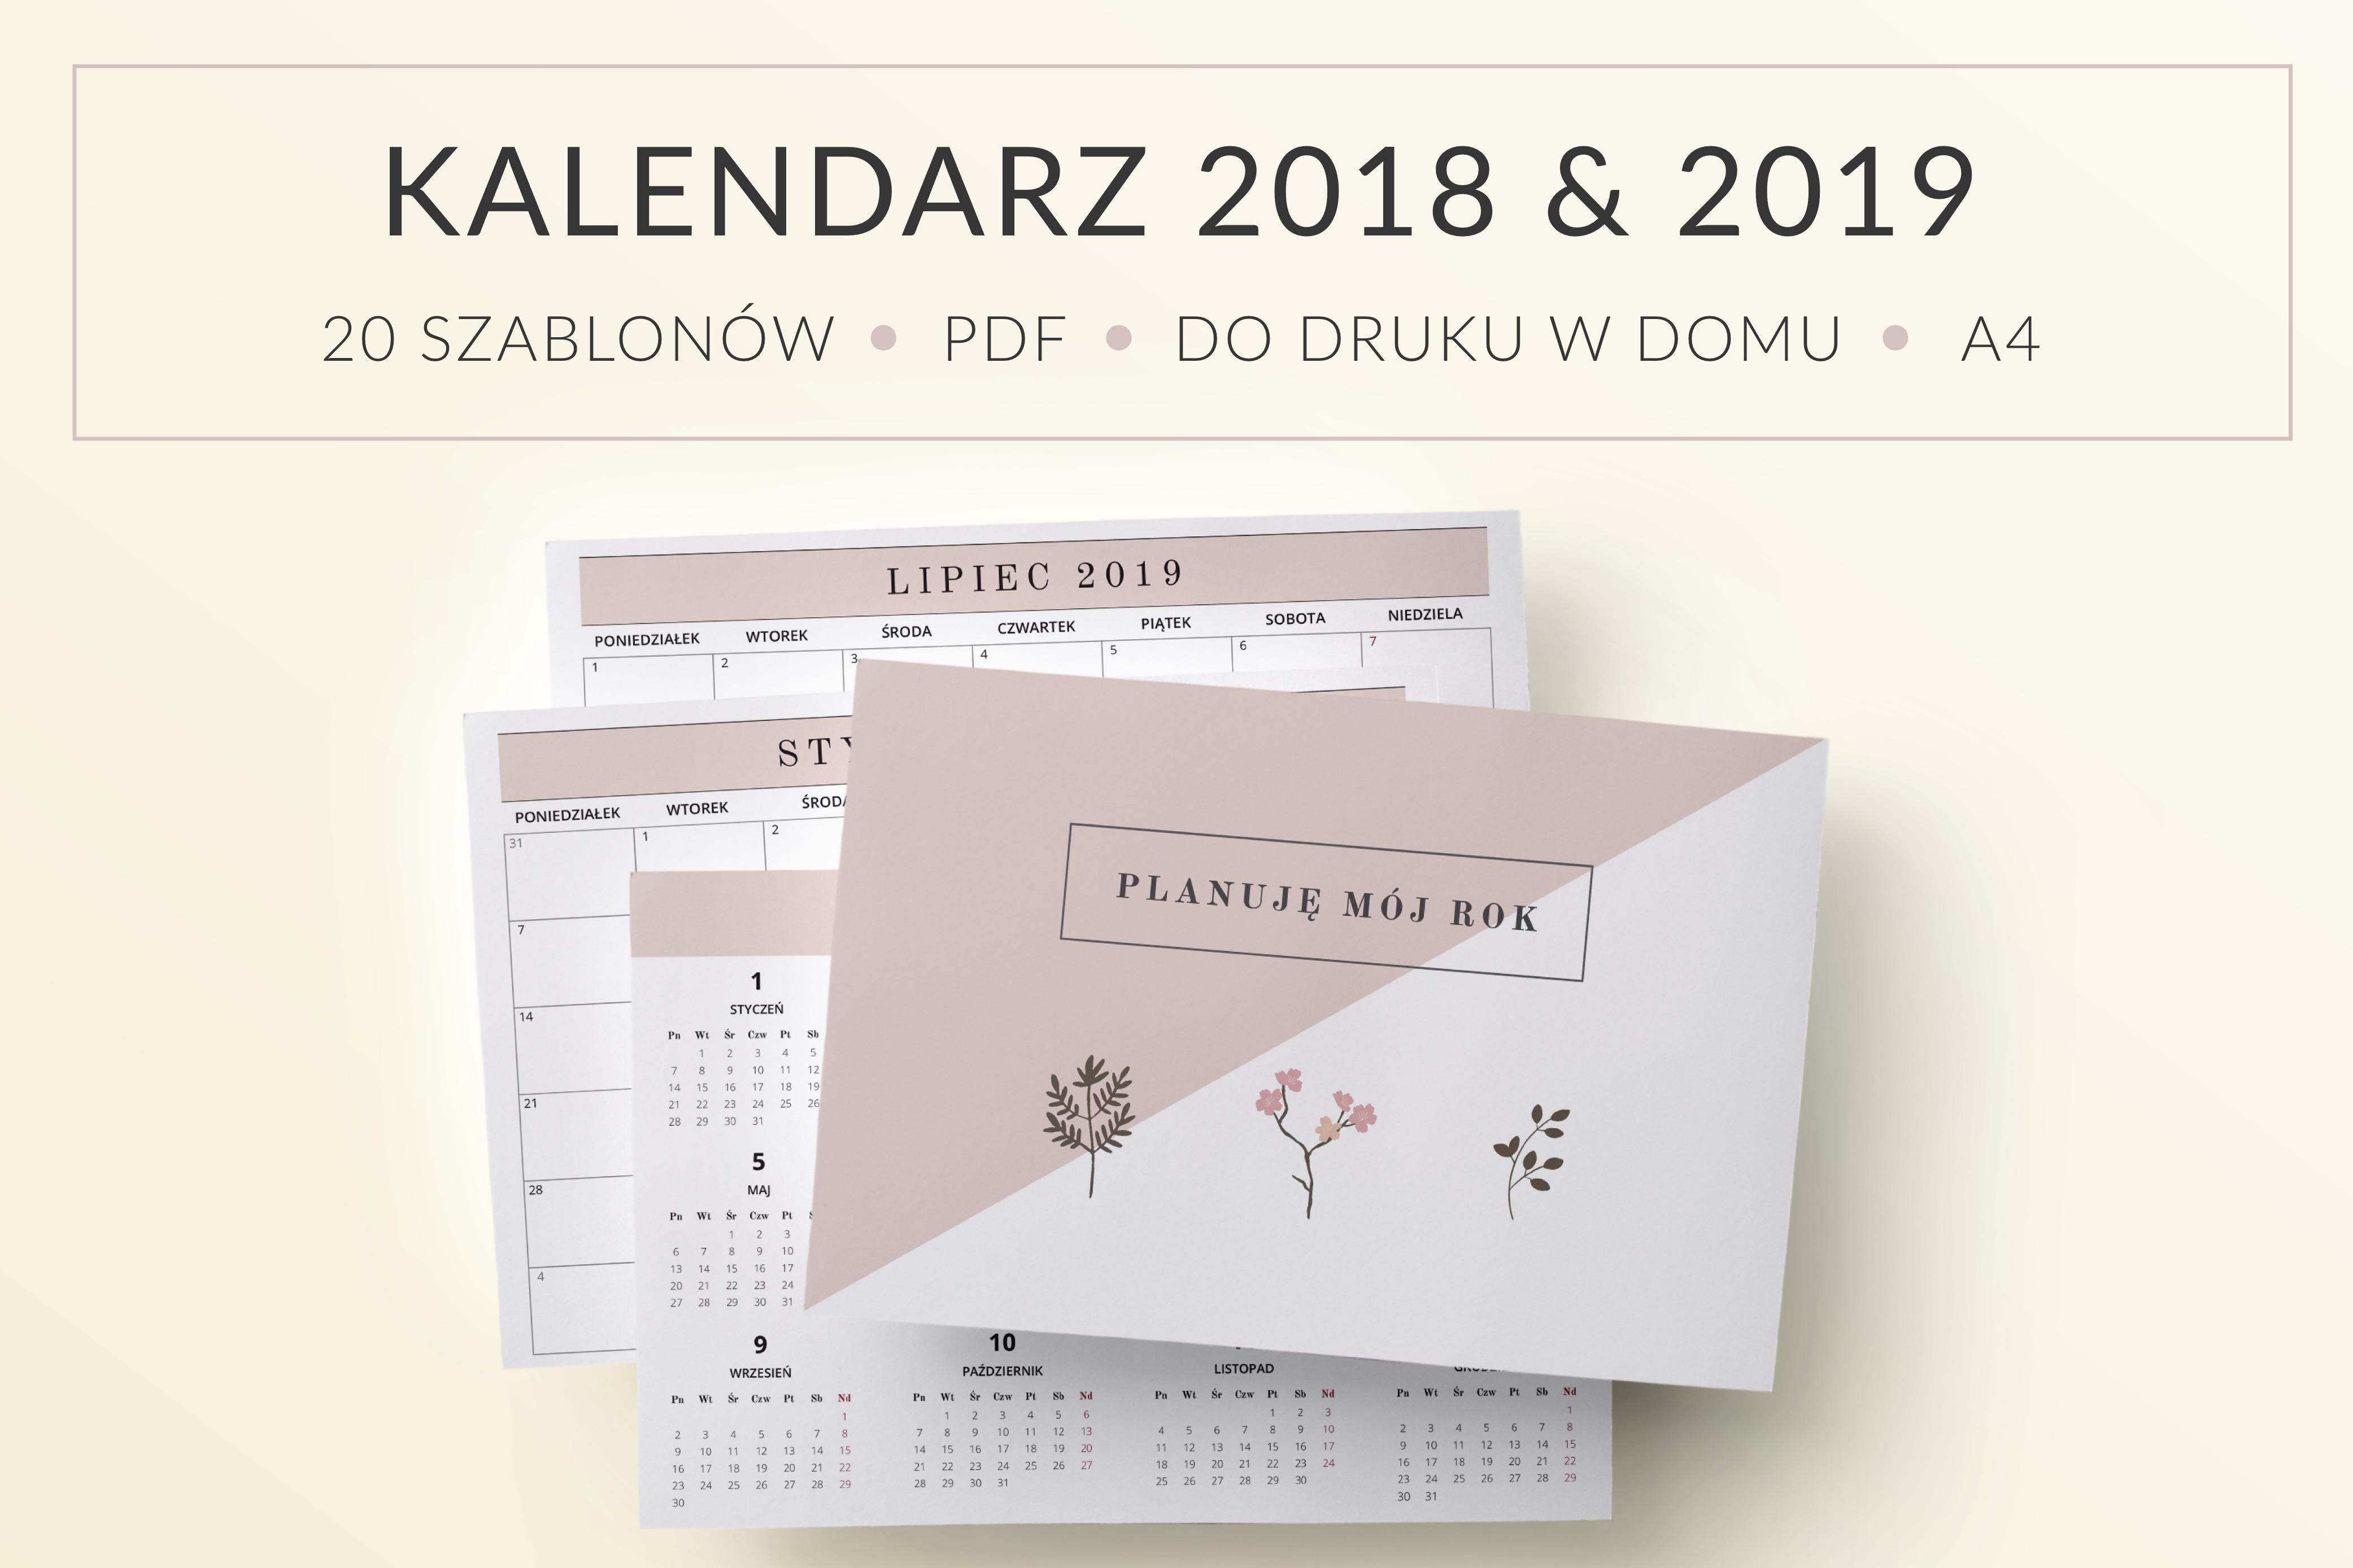 Kalendarz 2019 Miesieczny Do Druku Webkingz